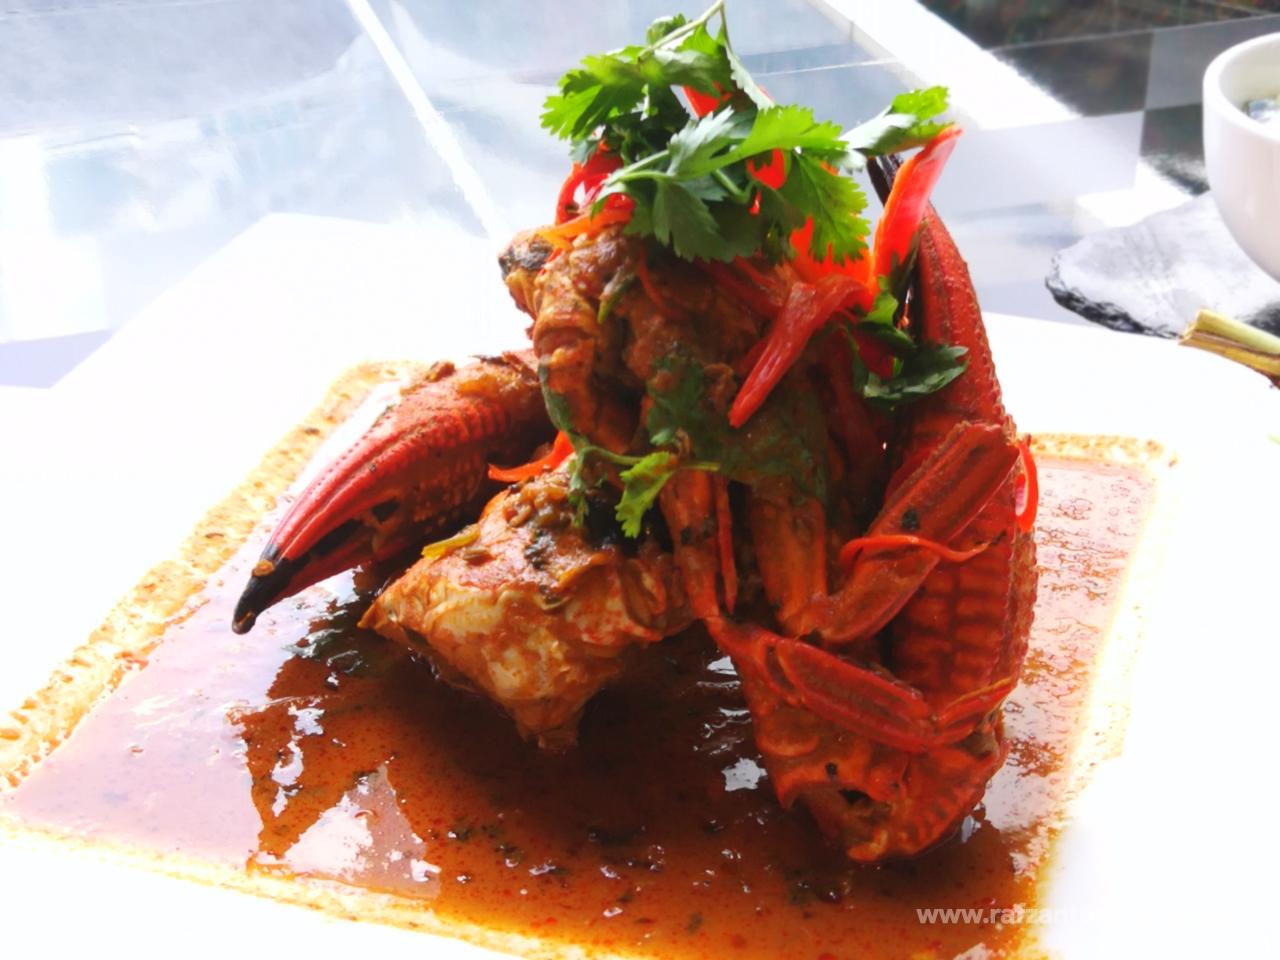 Nook Aloft Kuala Lumpur Sentral | Nikmati Hidangan Dari 2 Chef Eksekutif Di Aloft Kuala Lumpur Sentral pada Mac ini